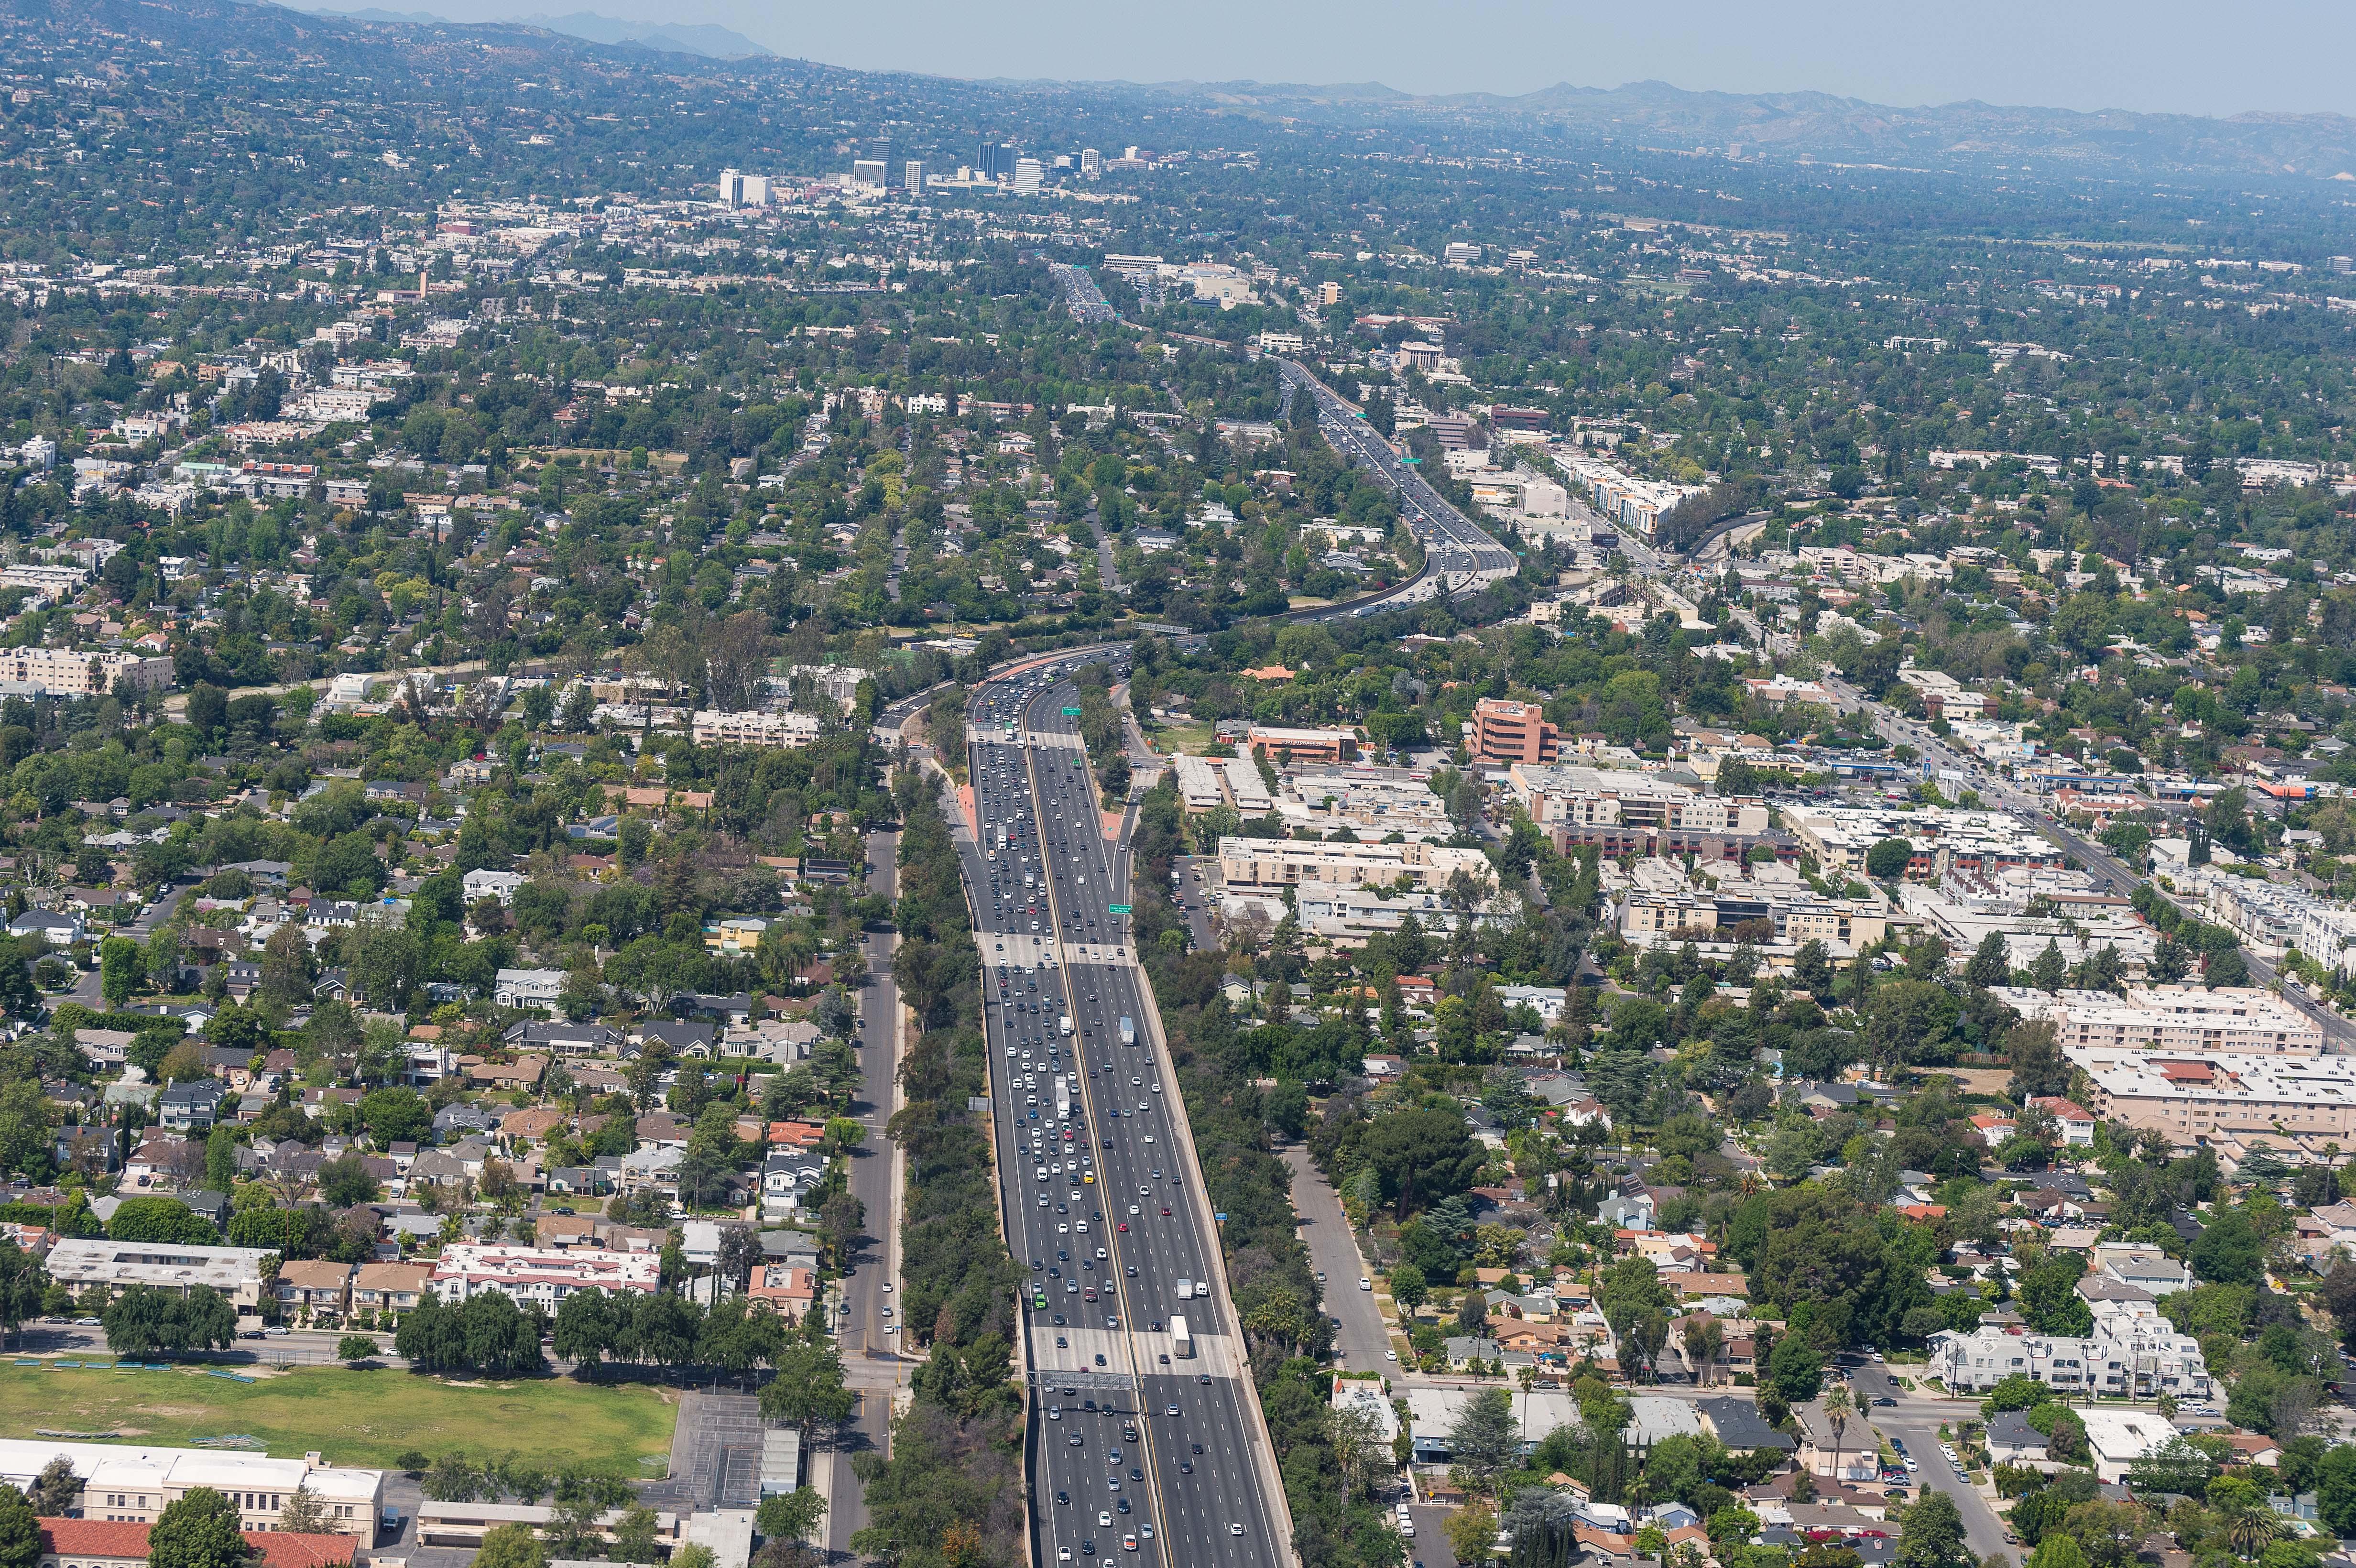 Vista aérea de L.A